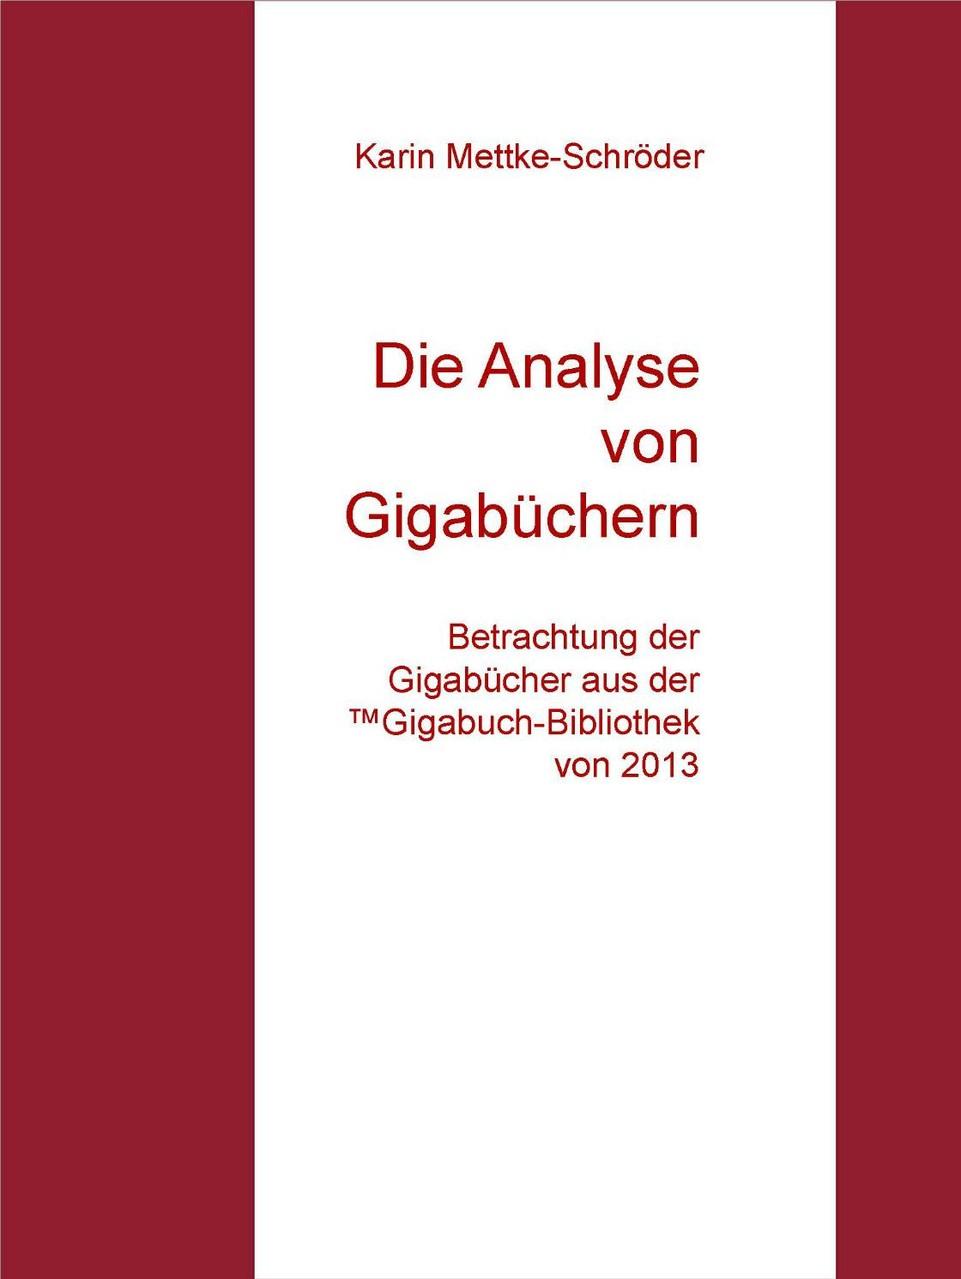 Karin Mettke-Schröder/Die Analyse der Gigabüchern/™Gigabuch Bibliothek 2013/e-Short ISBN 9783734712265